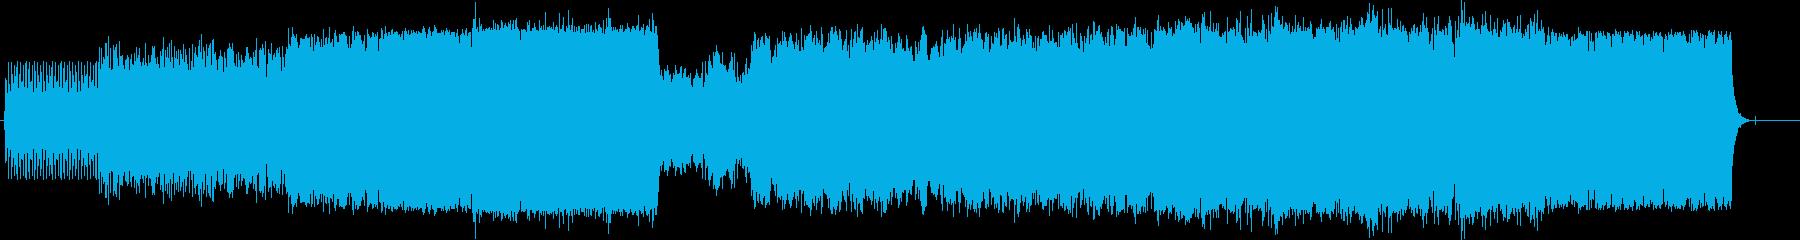 壮大 感動 ドキュメント 報道 紀行の再生済みの波形